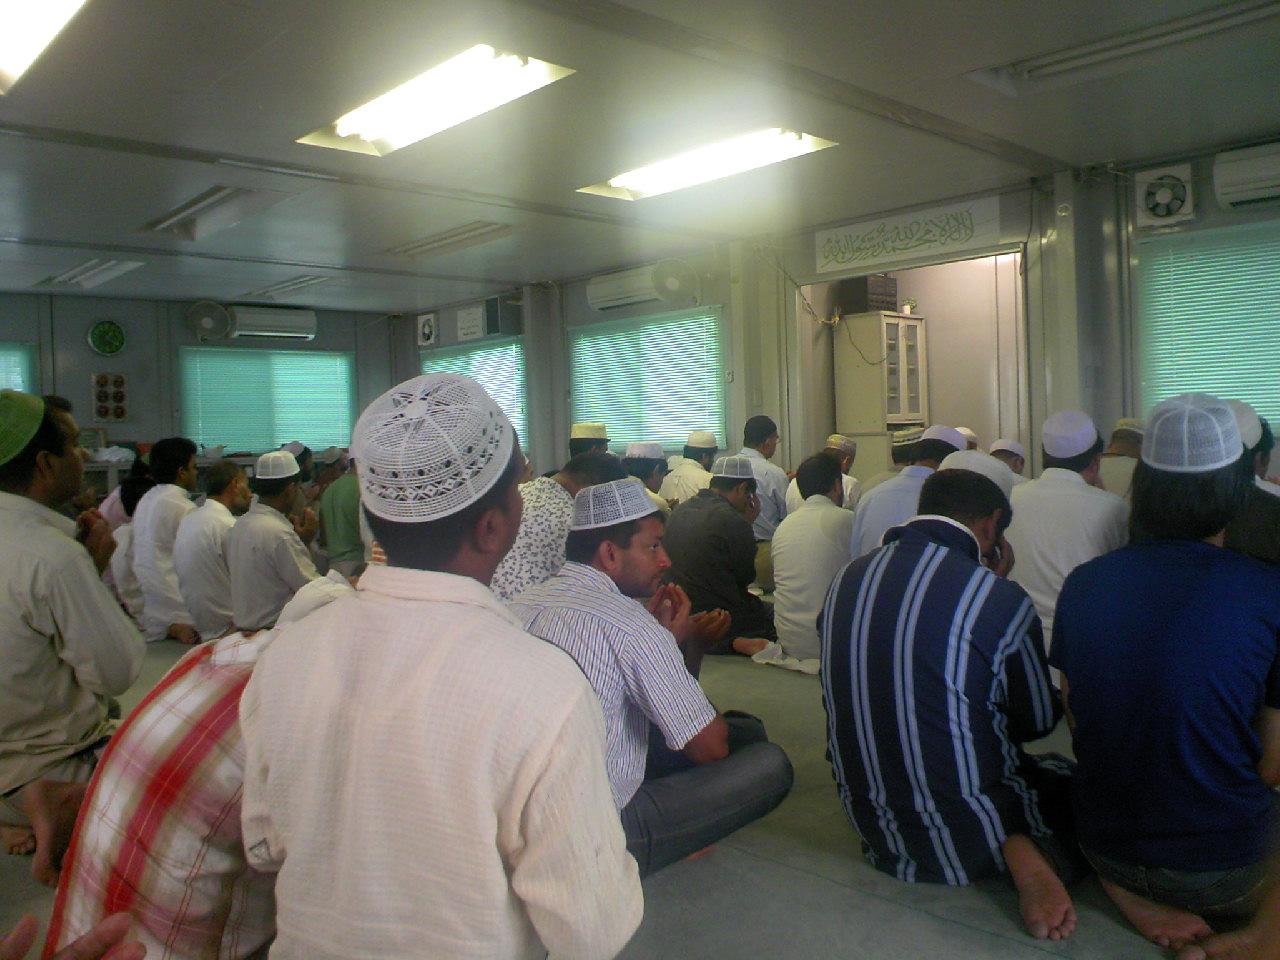 イスラムのお祈り そこにはたくさんのイスラム教徒が集まり、みなさん真剣に礼拝しています。 ...